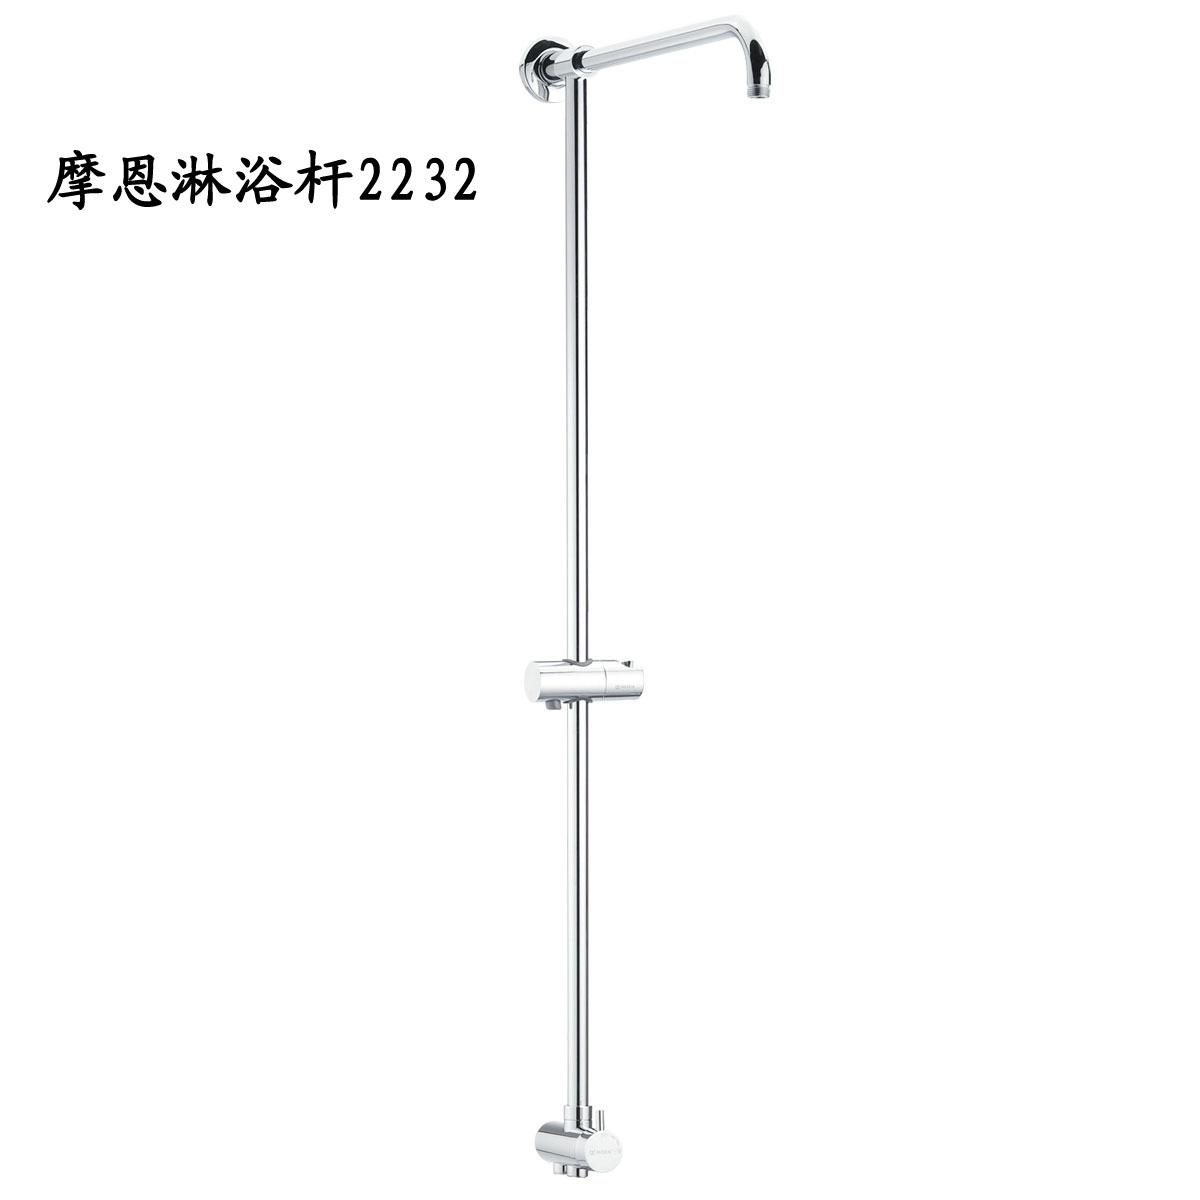 łazienka, prysznic, [] bar bar bar bar bar bar bar moen moen z miedzi i twardy rdzeń ceramicznych bar 2232 specjalne torbe.